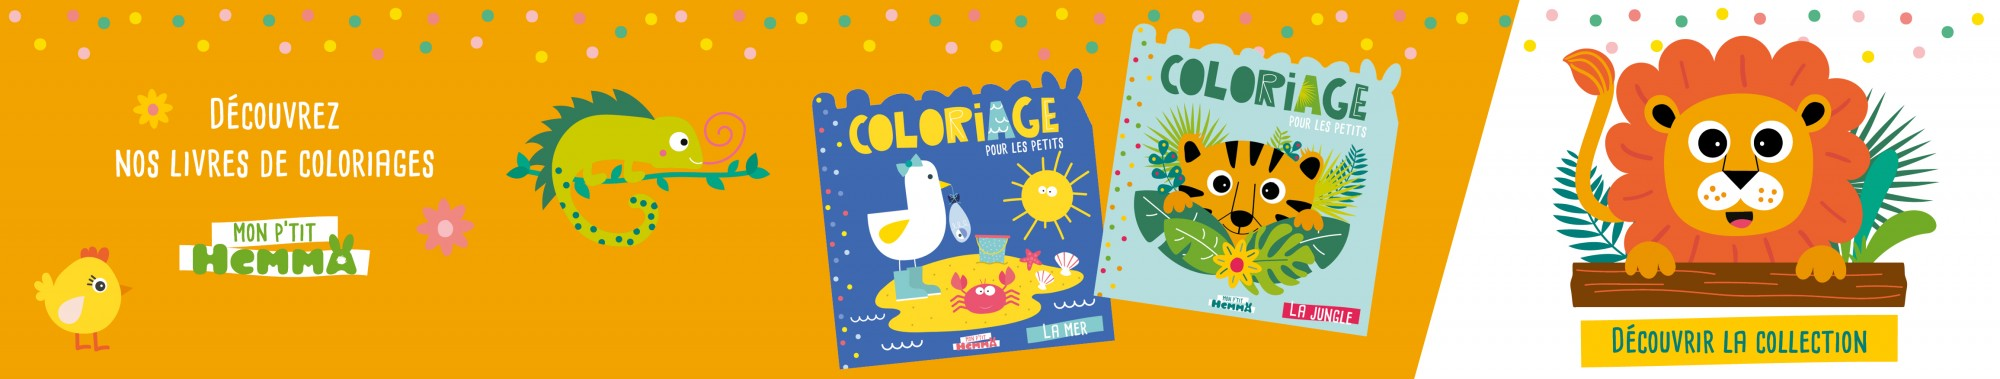 Mon P'tit Hemma - Coloriage (collection)